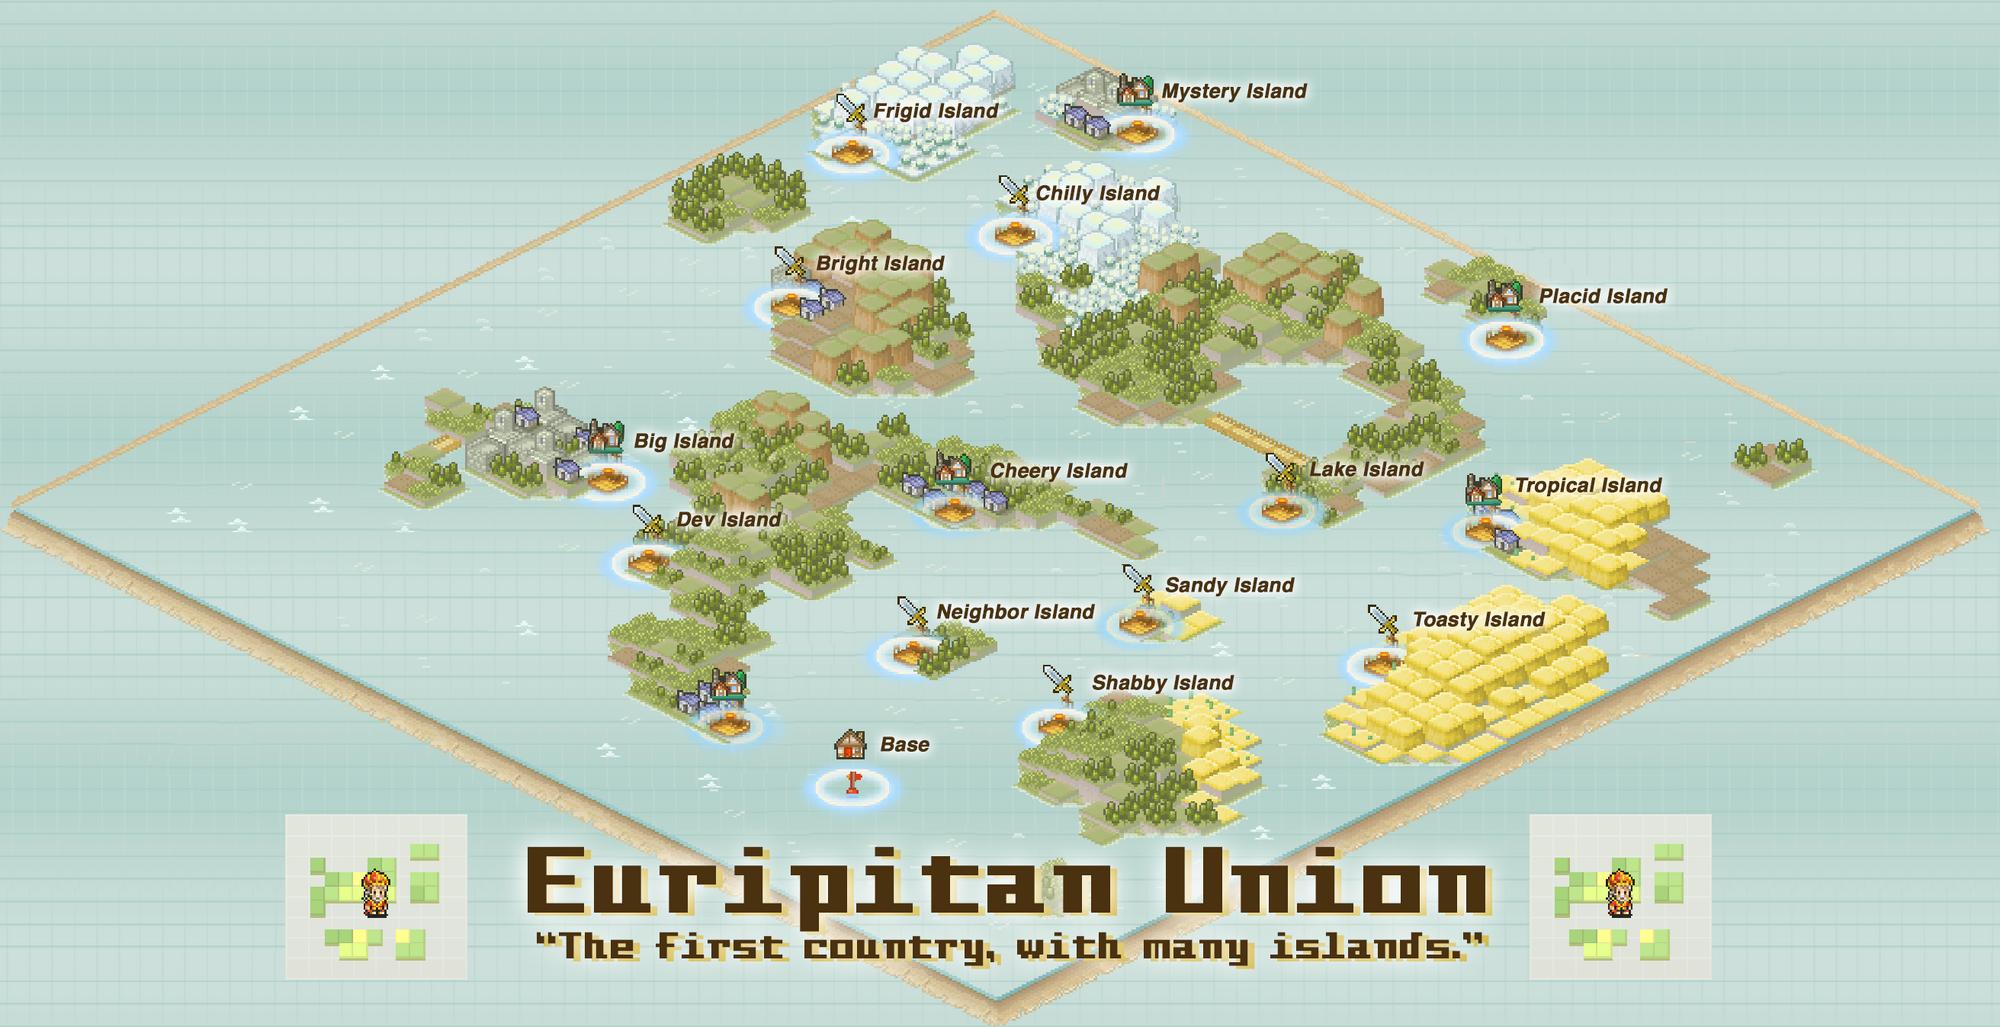 Islands High Sea Saga Kairosoft Wiki